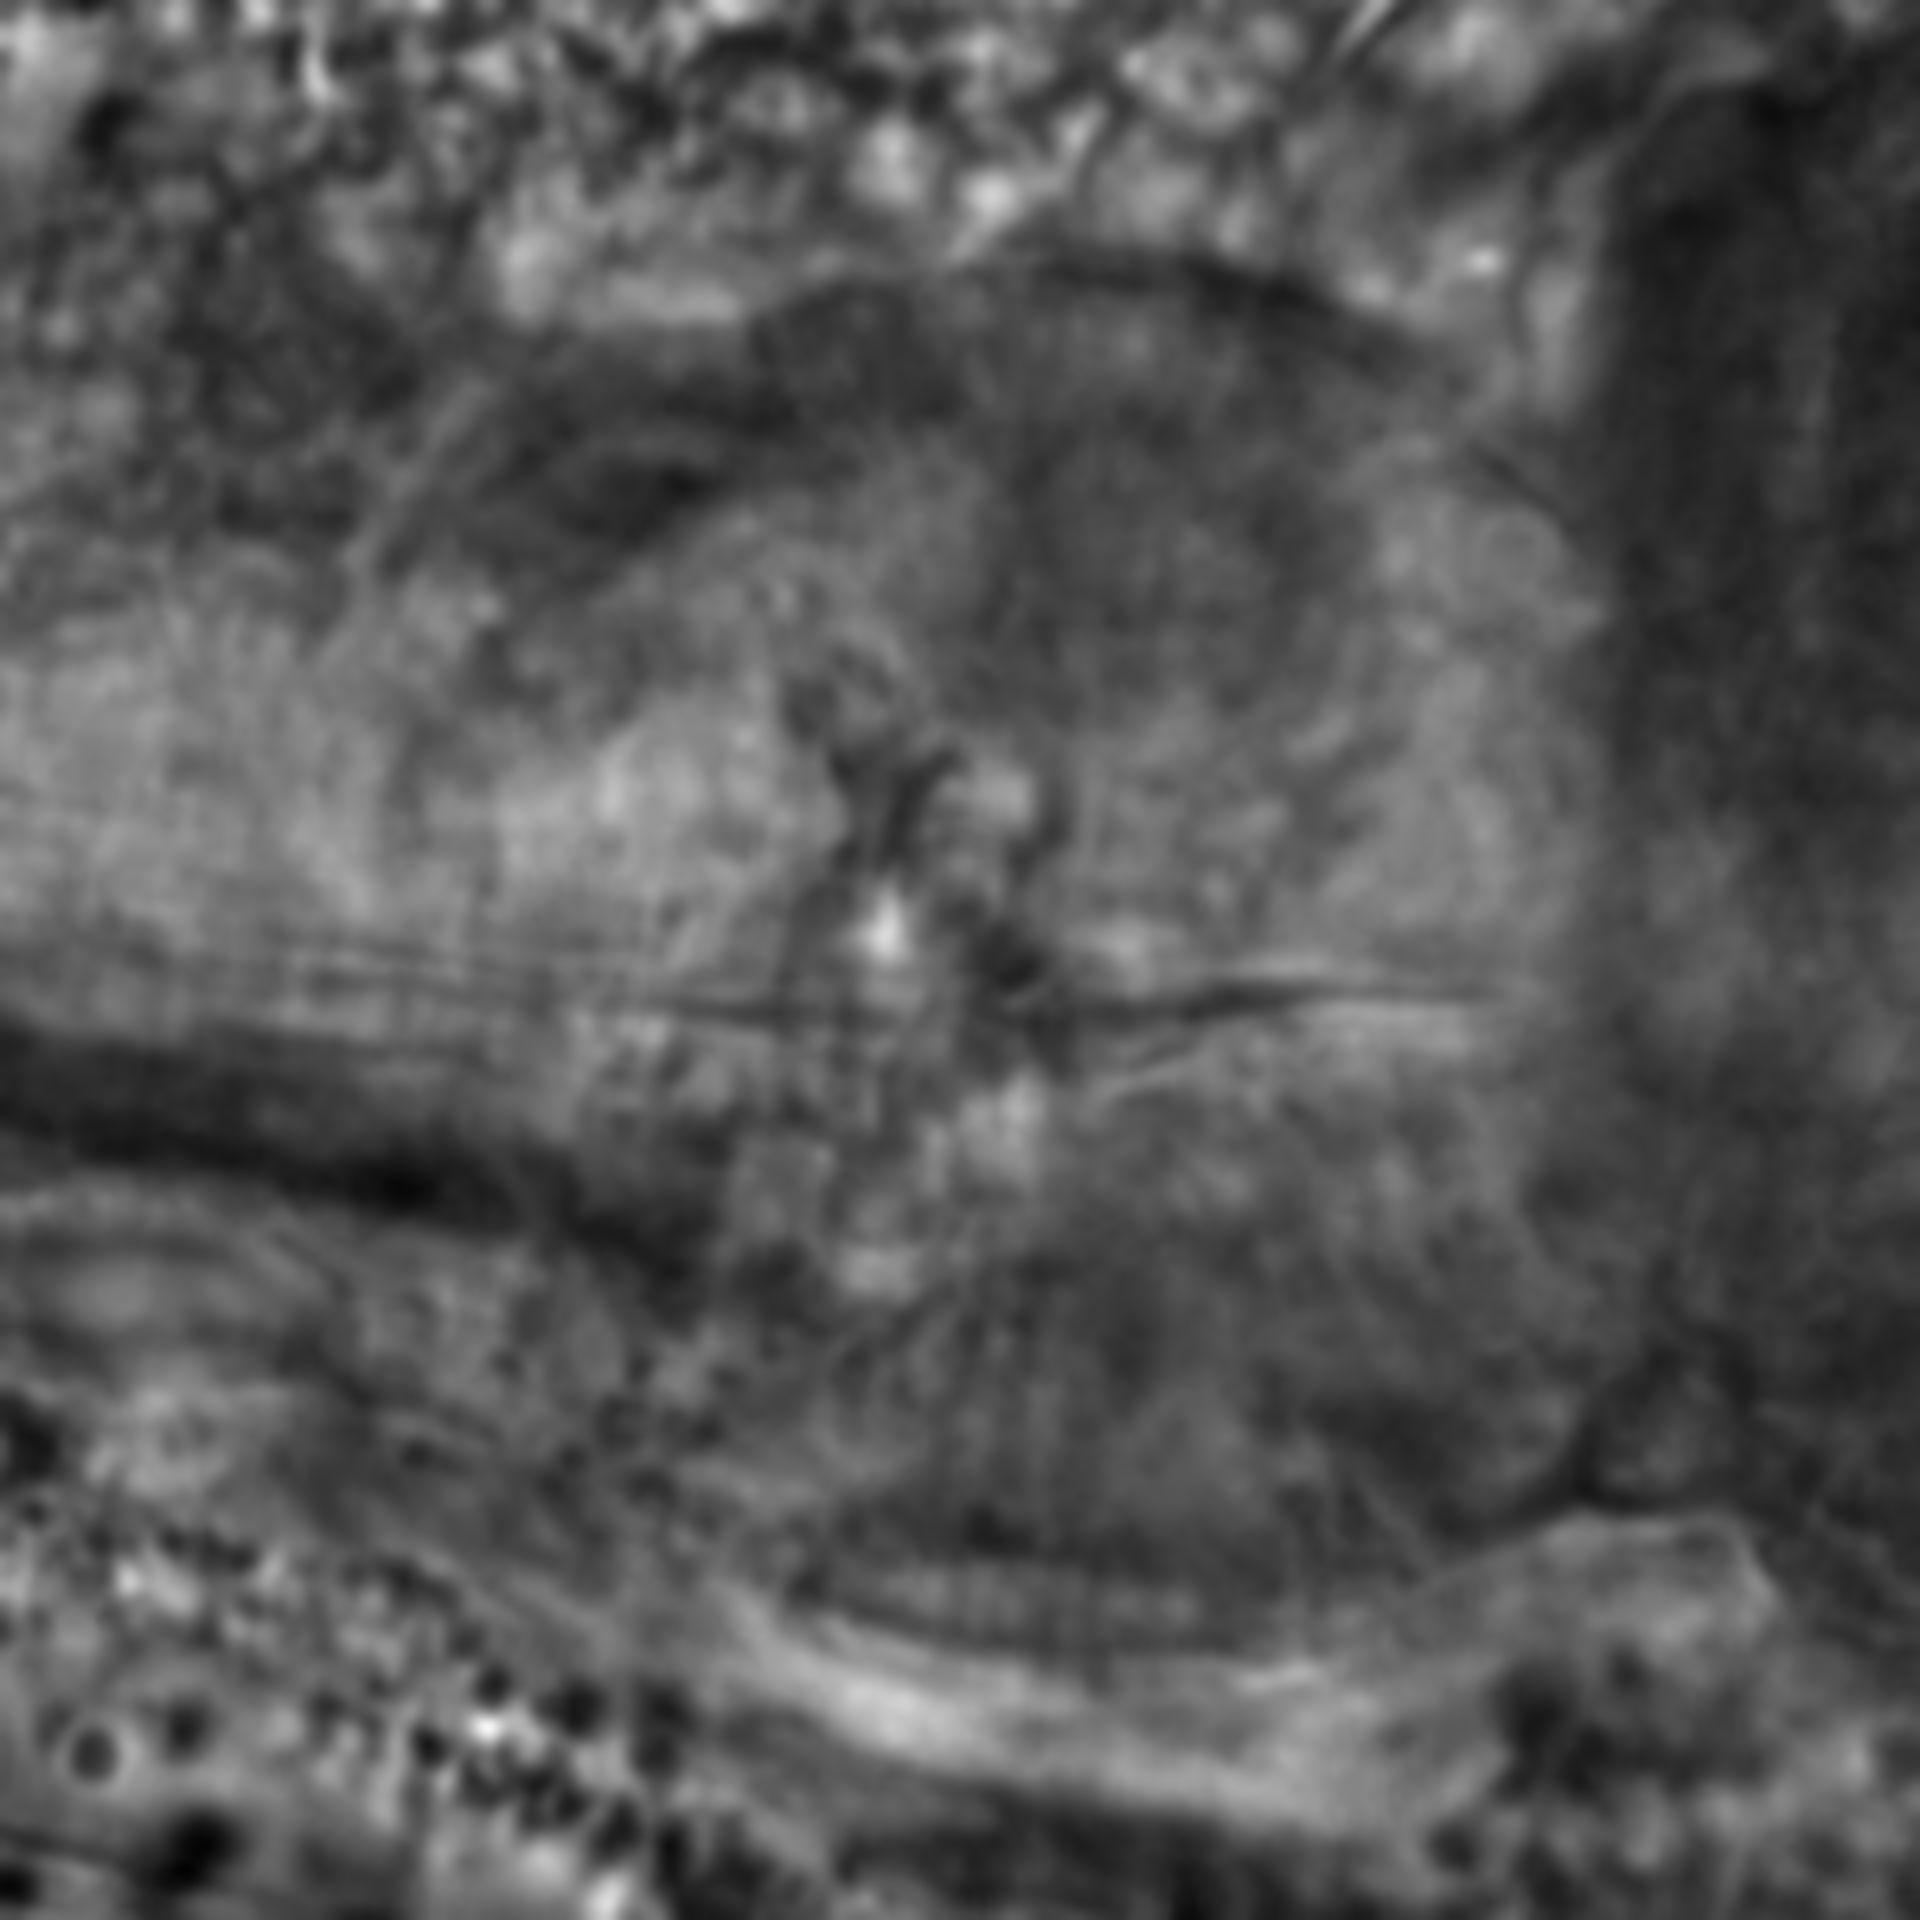 Caenorhabditis elegans - CIL:1917